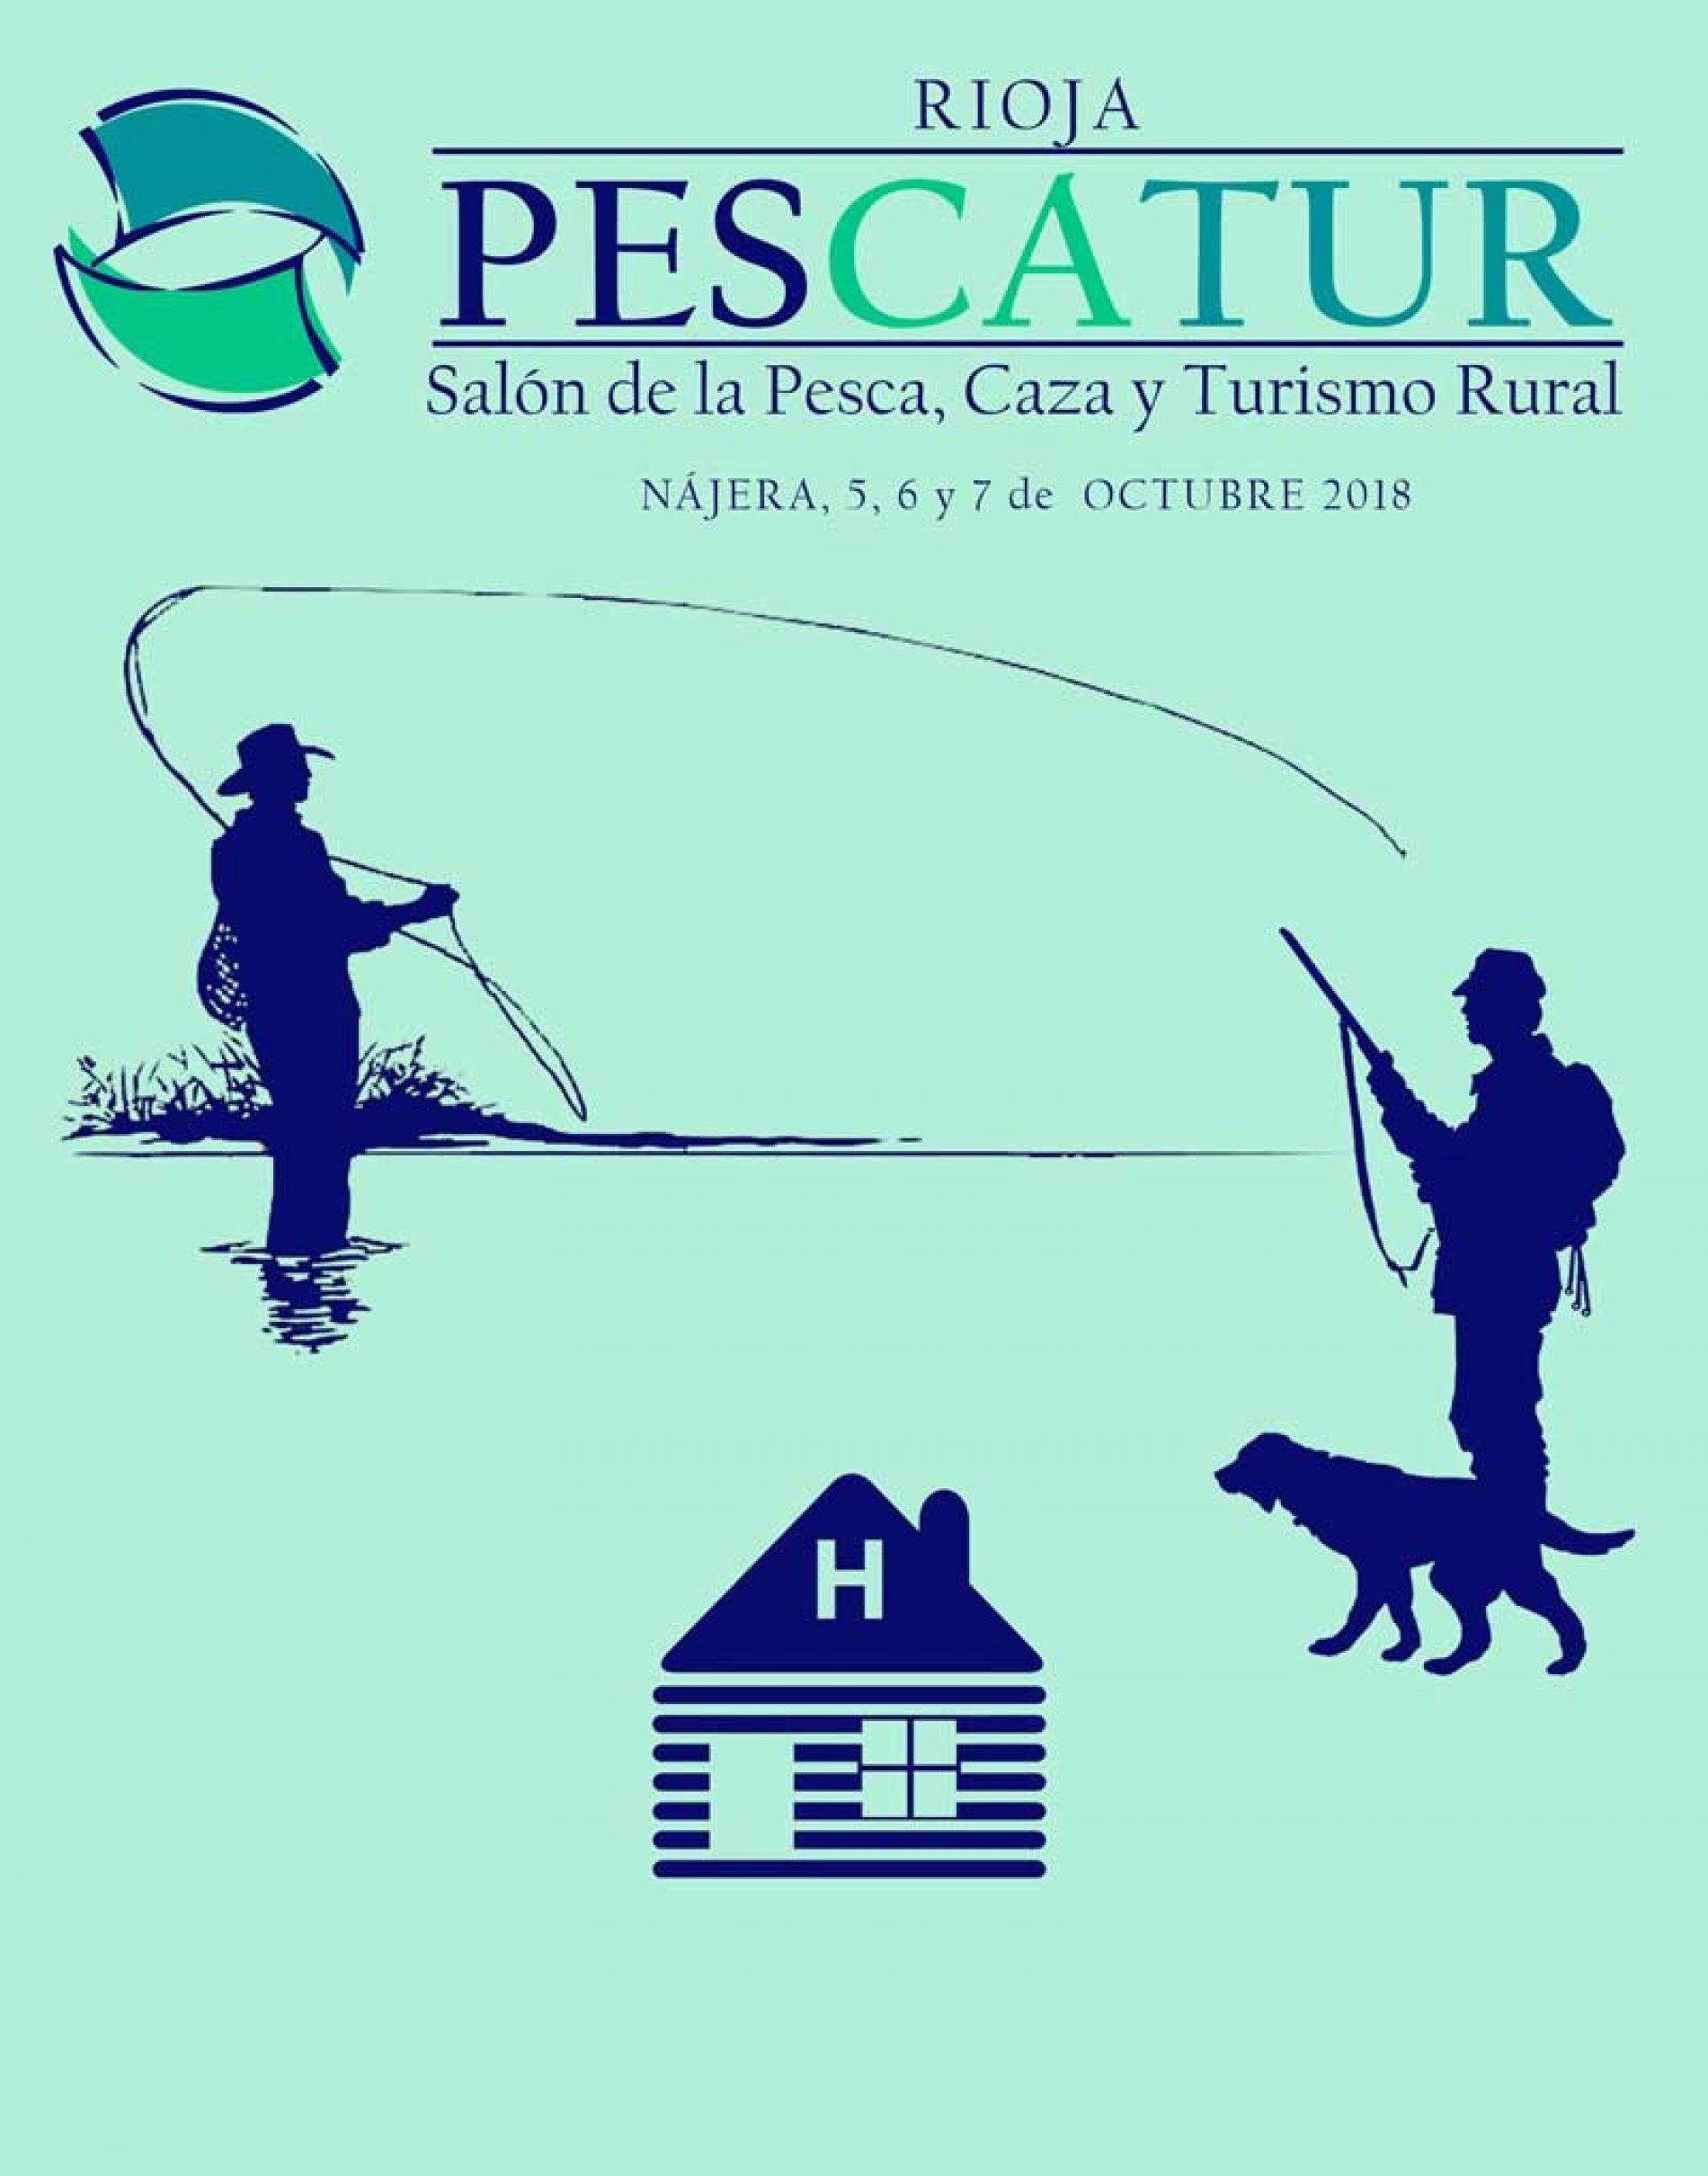 PESCATUR, nueva feria de caza y pesca en La Rioja